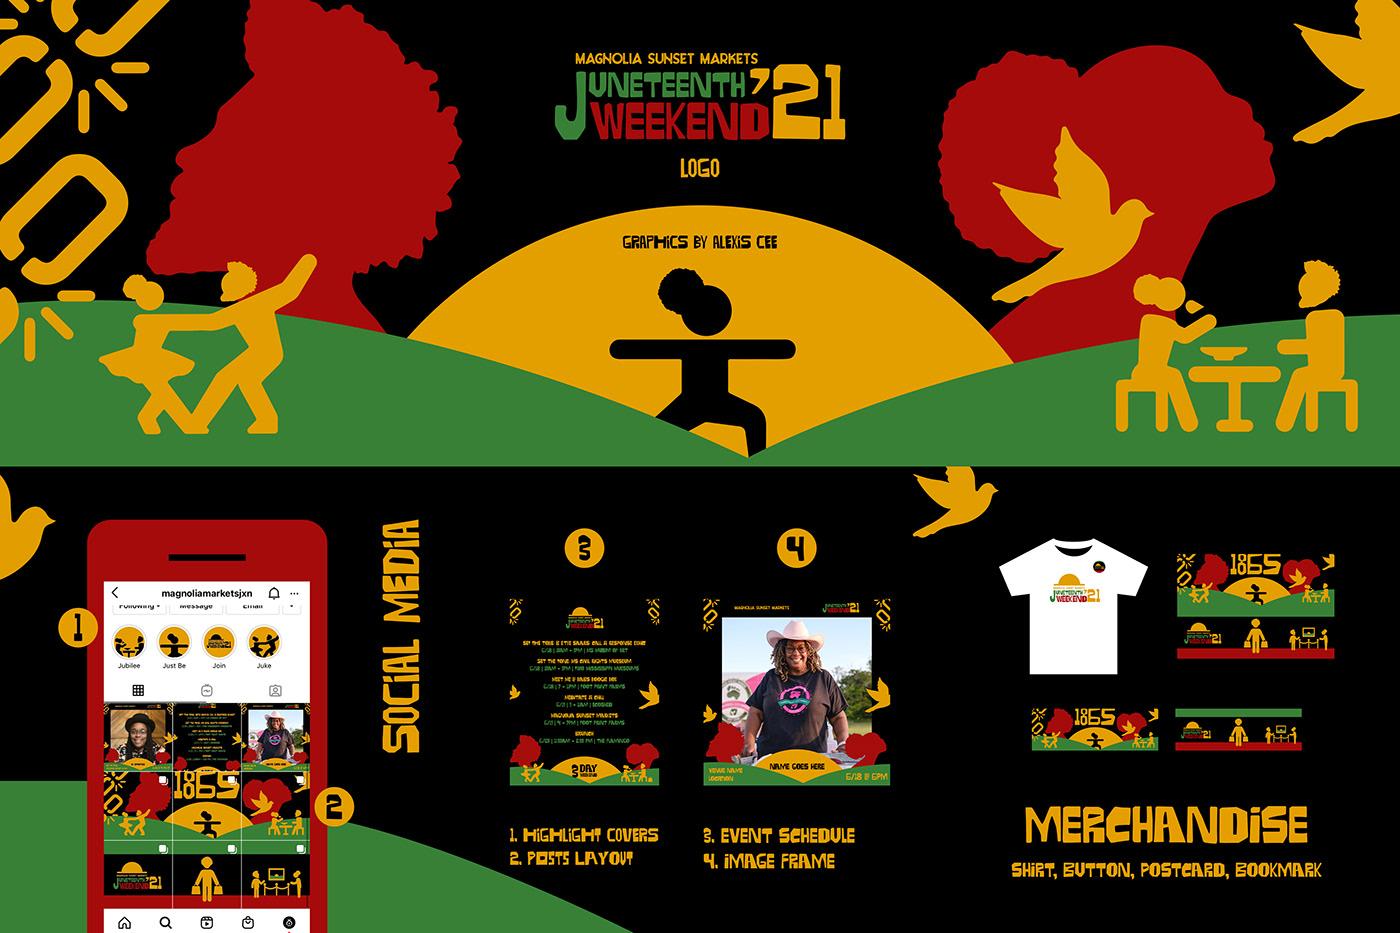 black owned celebration festival freedom june 19th juneteenth market merchandise social media sunset